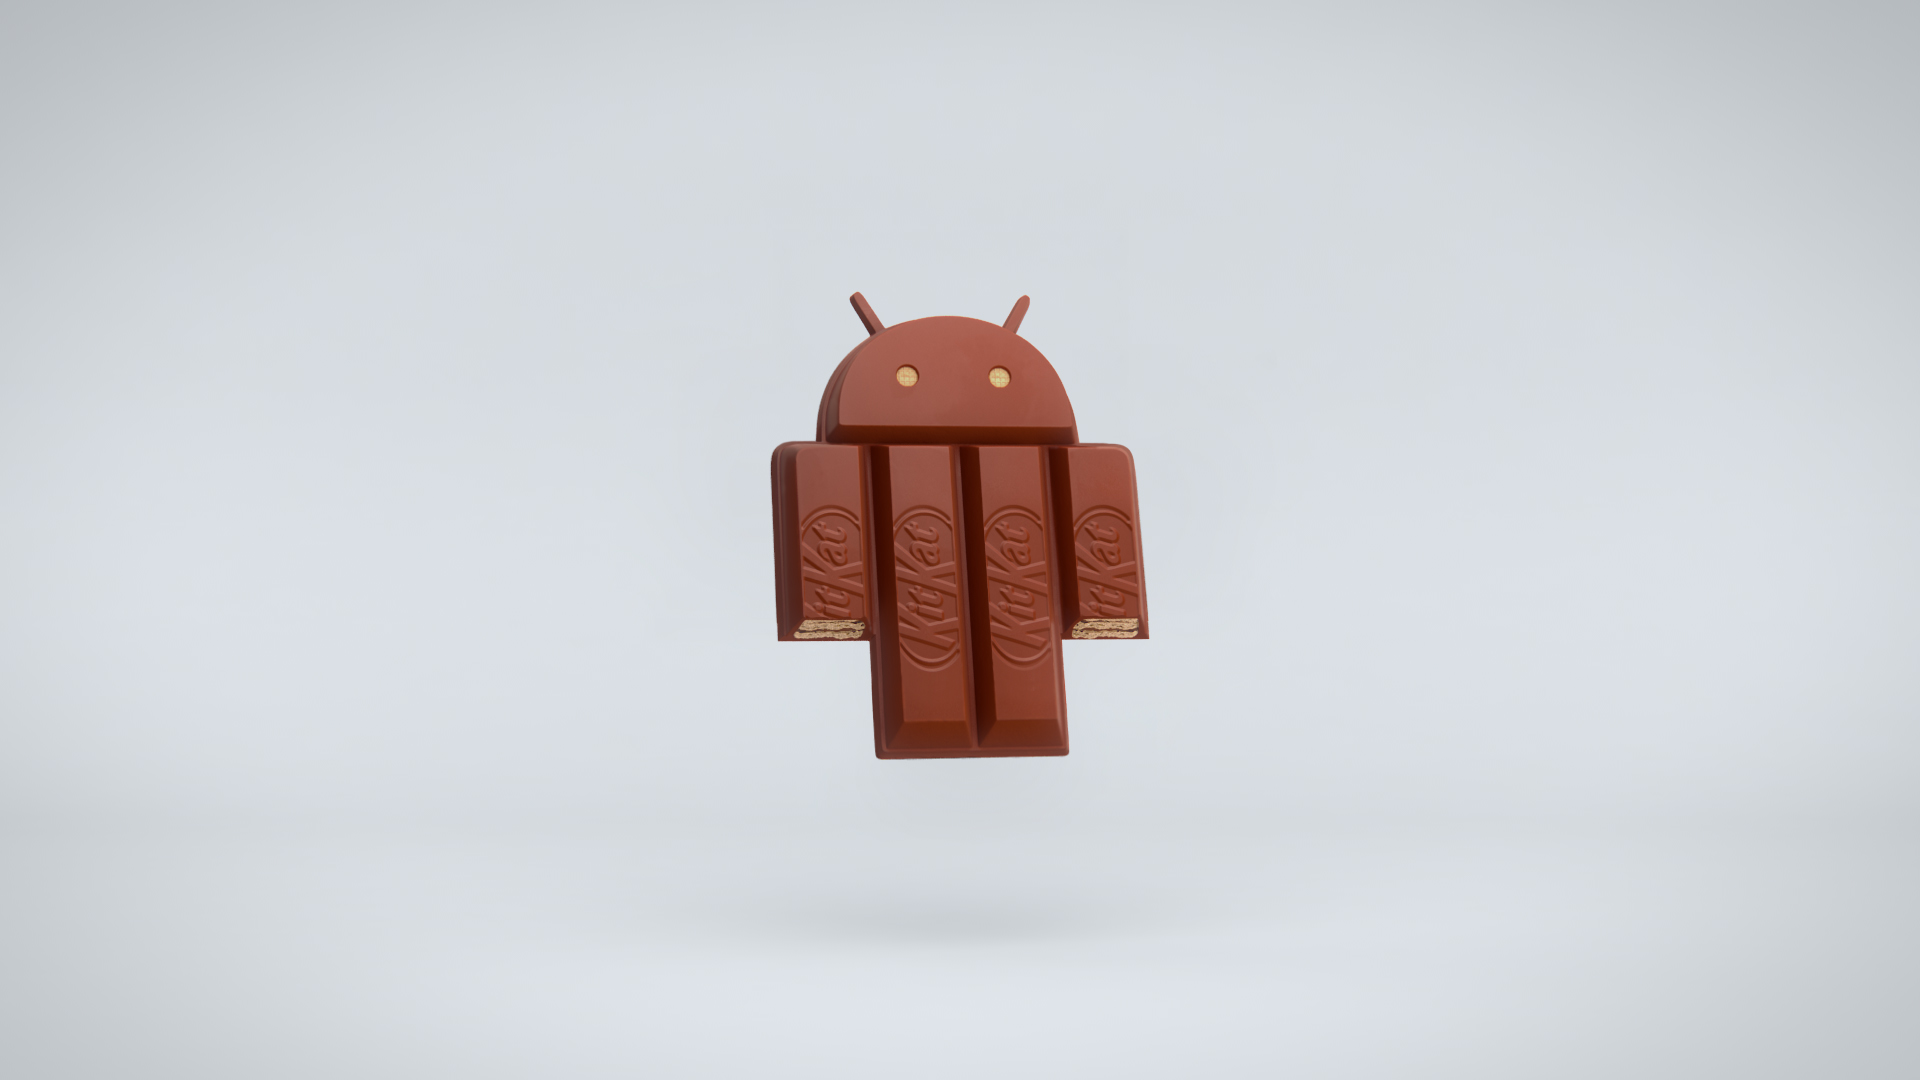 Android Kit Kat   C.D. / Addtl. Design